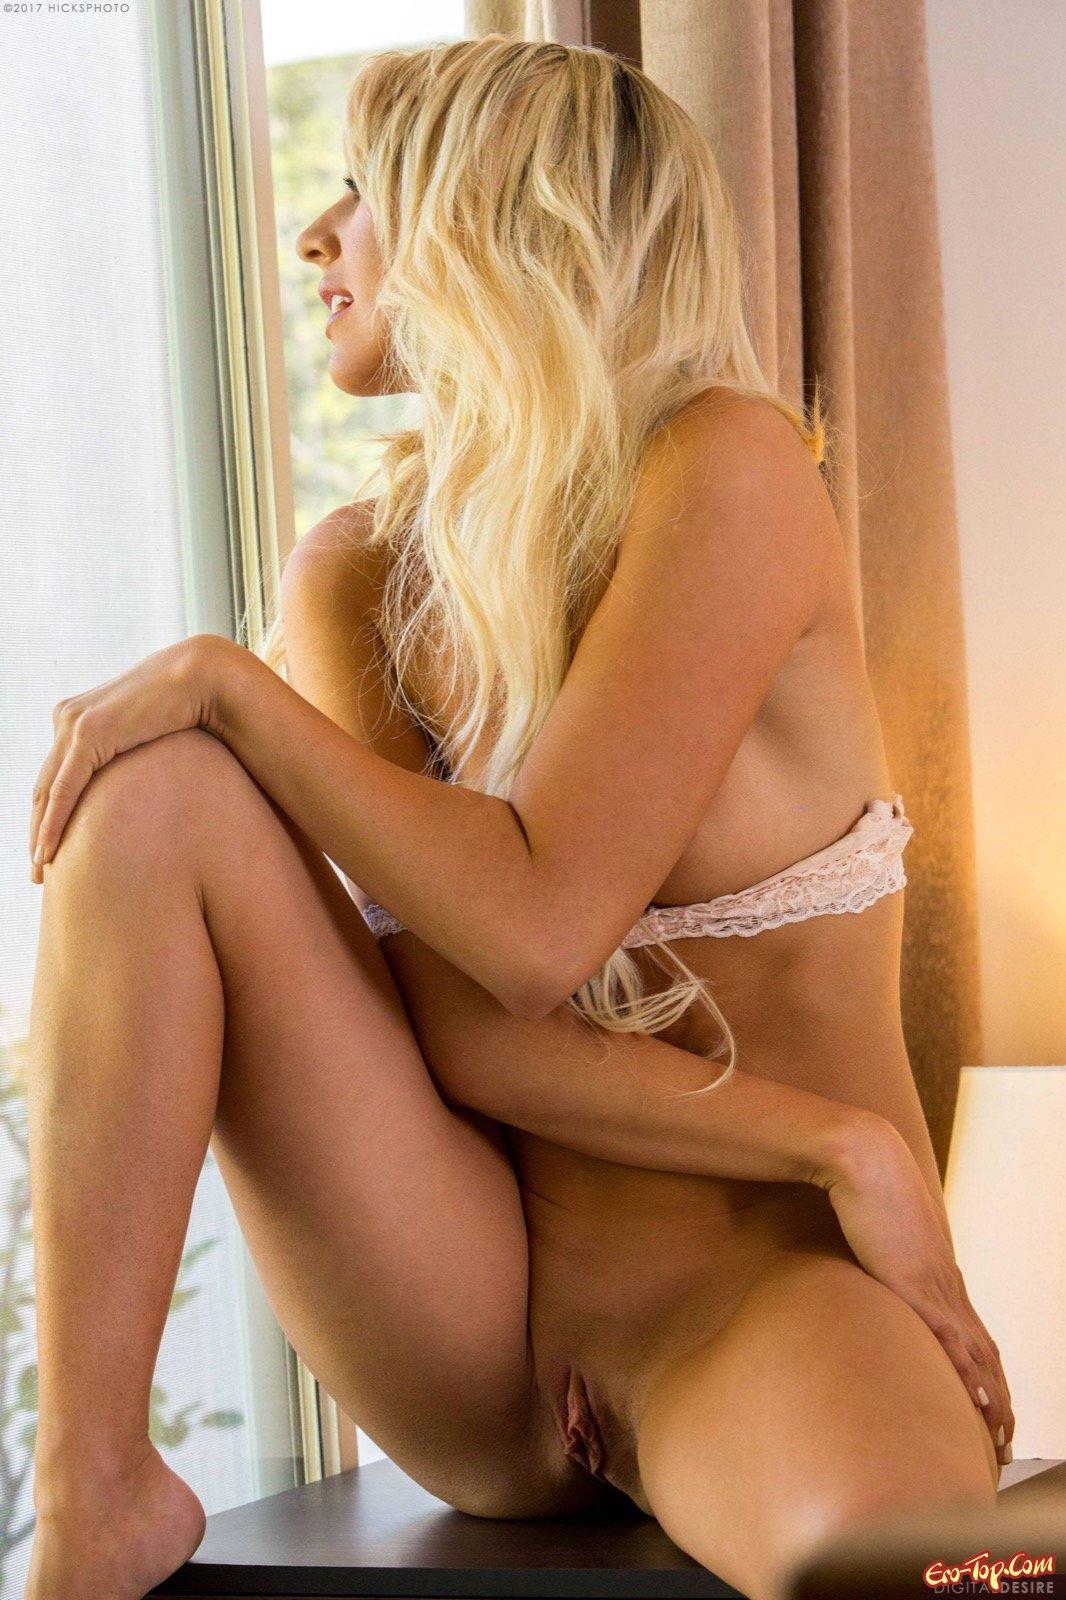 Жаркая блондинка светит сексуальным телом в постели